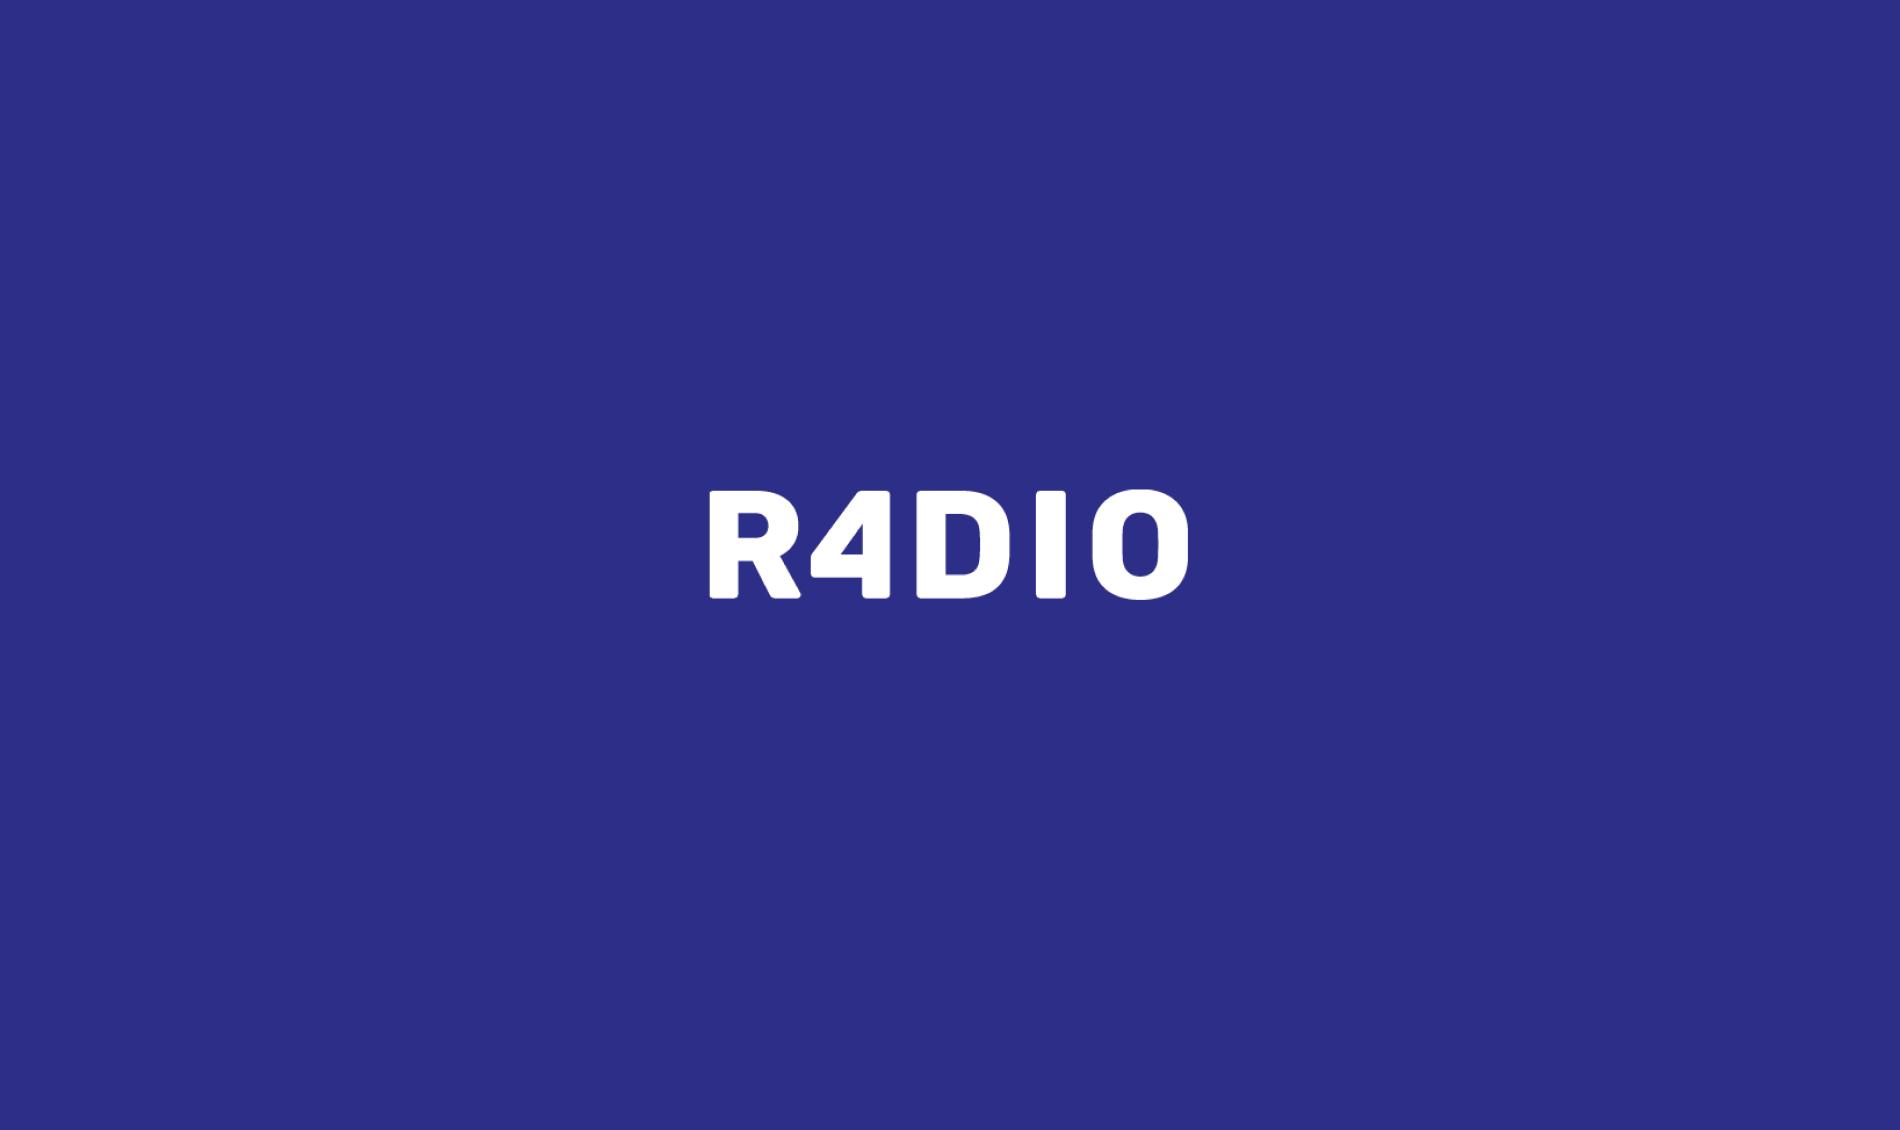 Prisvindende logo løfter kendskabet